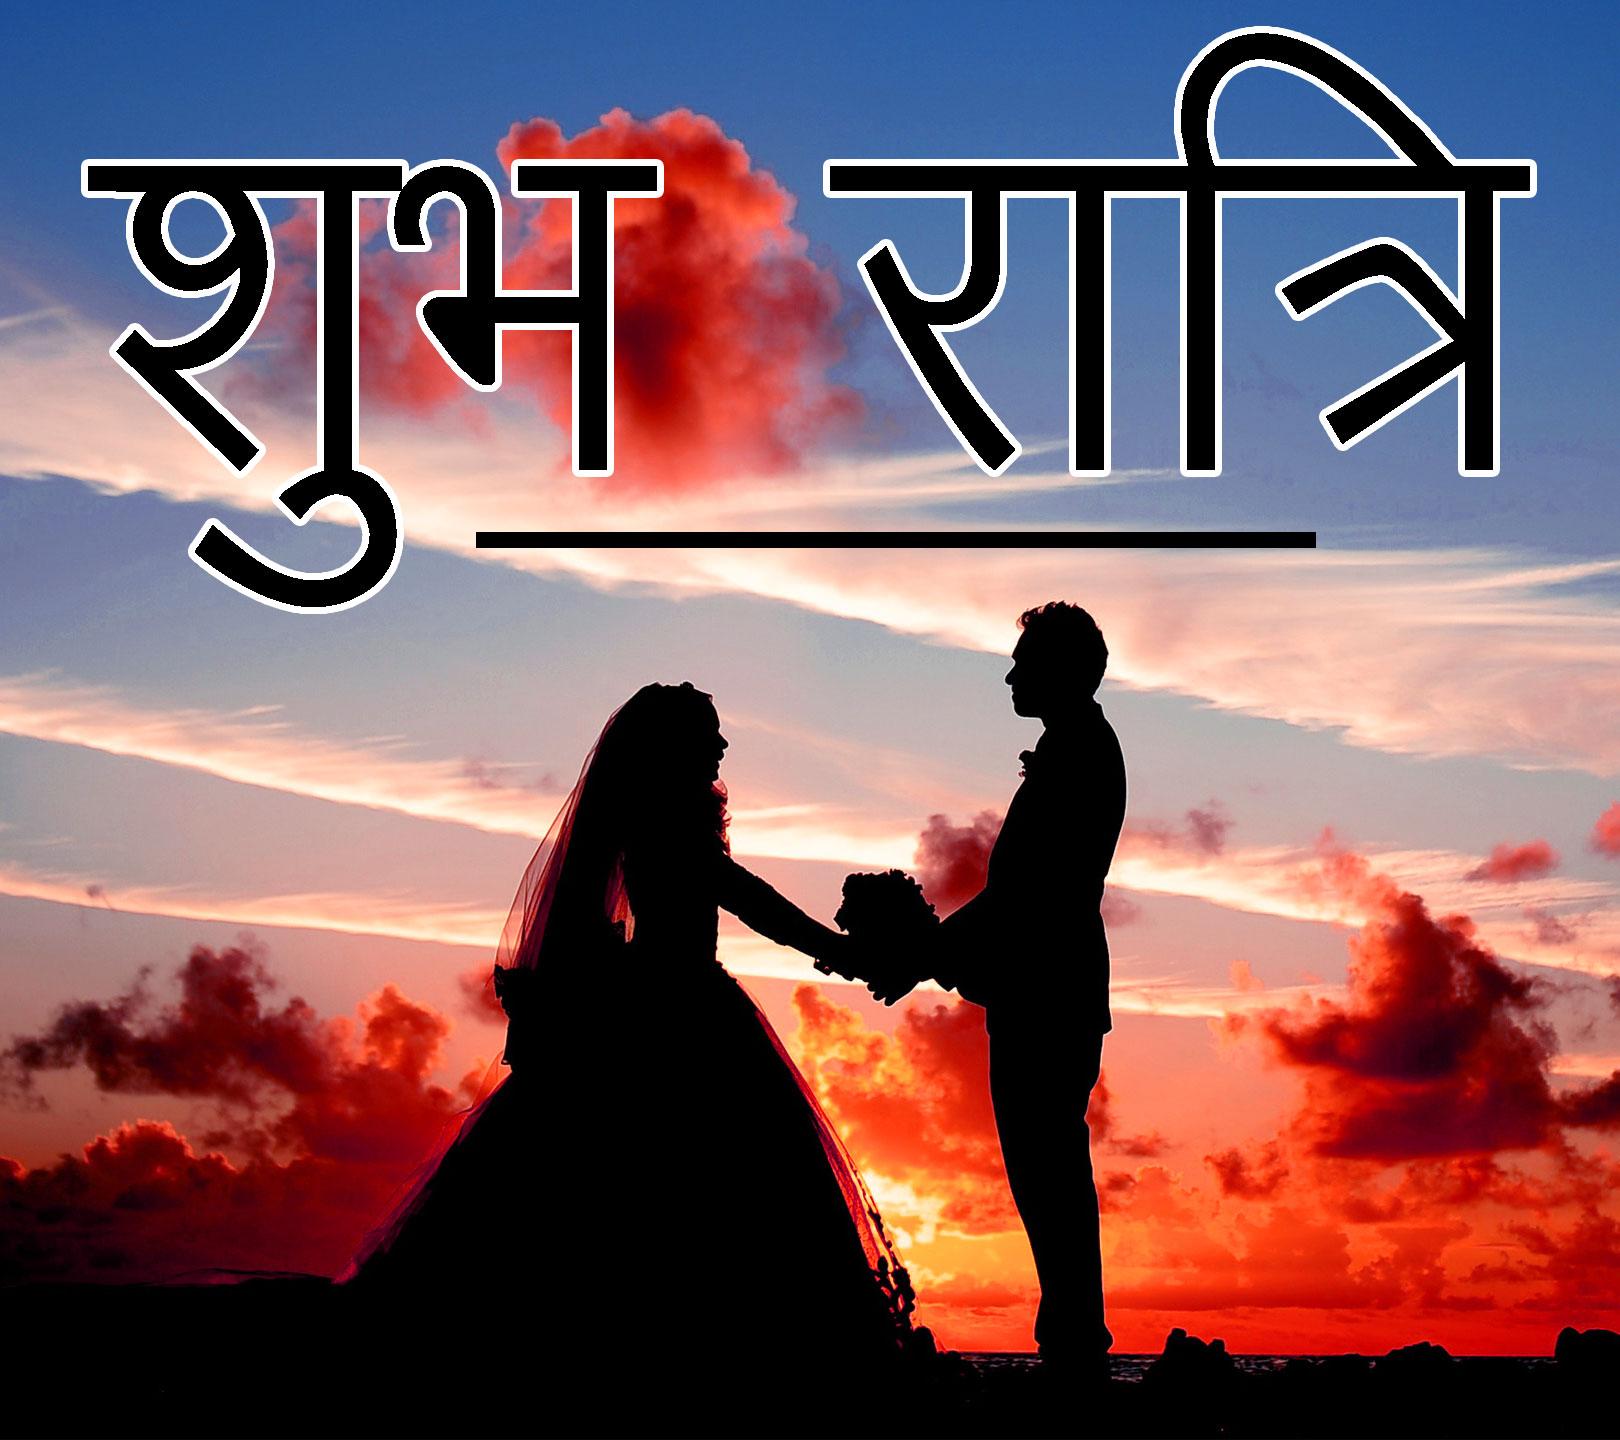 Shubh Ratri Wallpaper 19